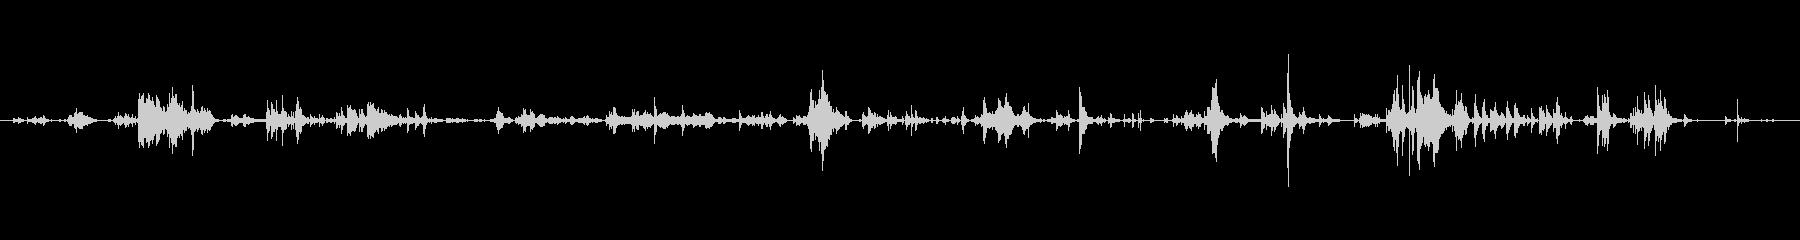 メタル チェーンクラシックハンドリ...の未再生の波形